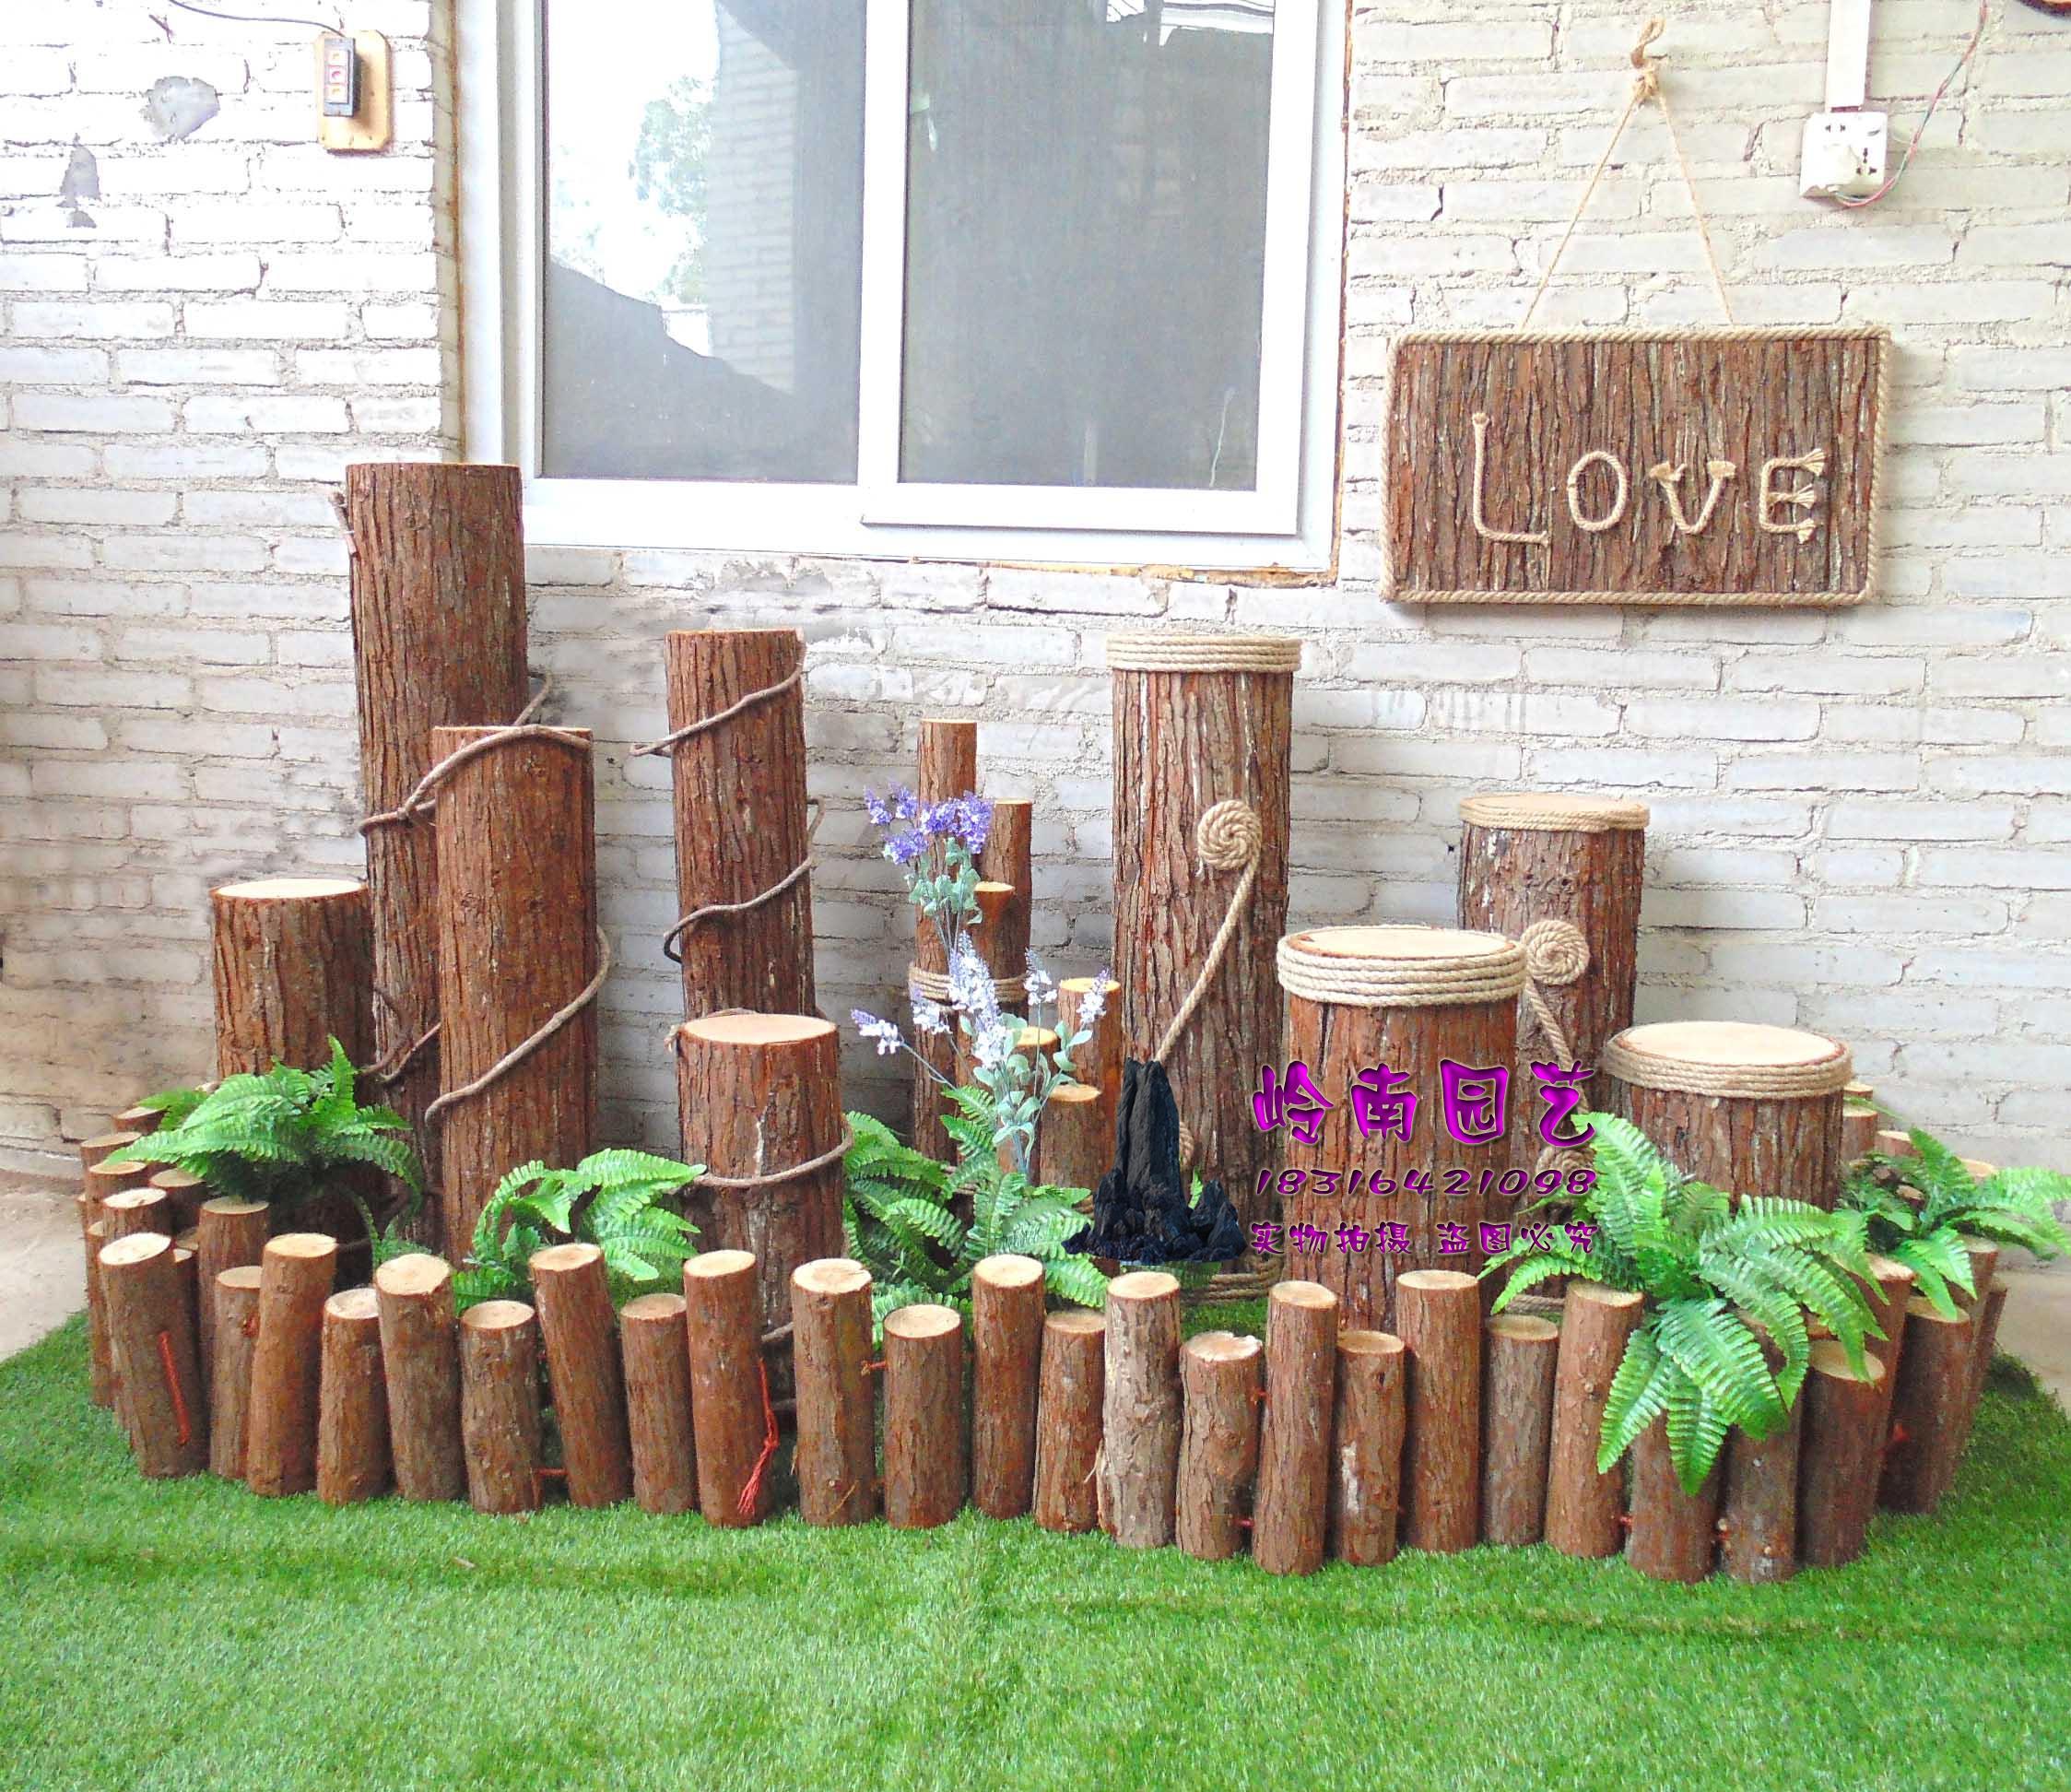 热卖装饰木桩展厅橱窗道具原木栅栏篱笆实木护栏木木桩围栏圆木杉木pvc冰箱贴动物图片